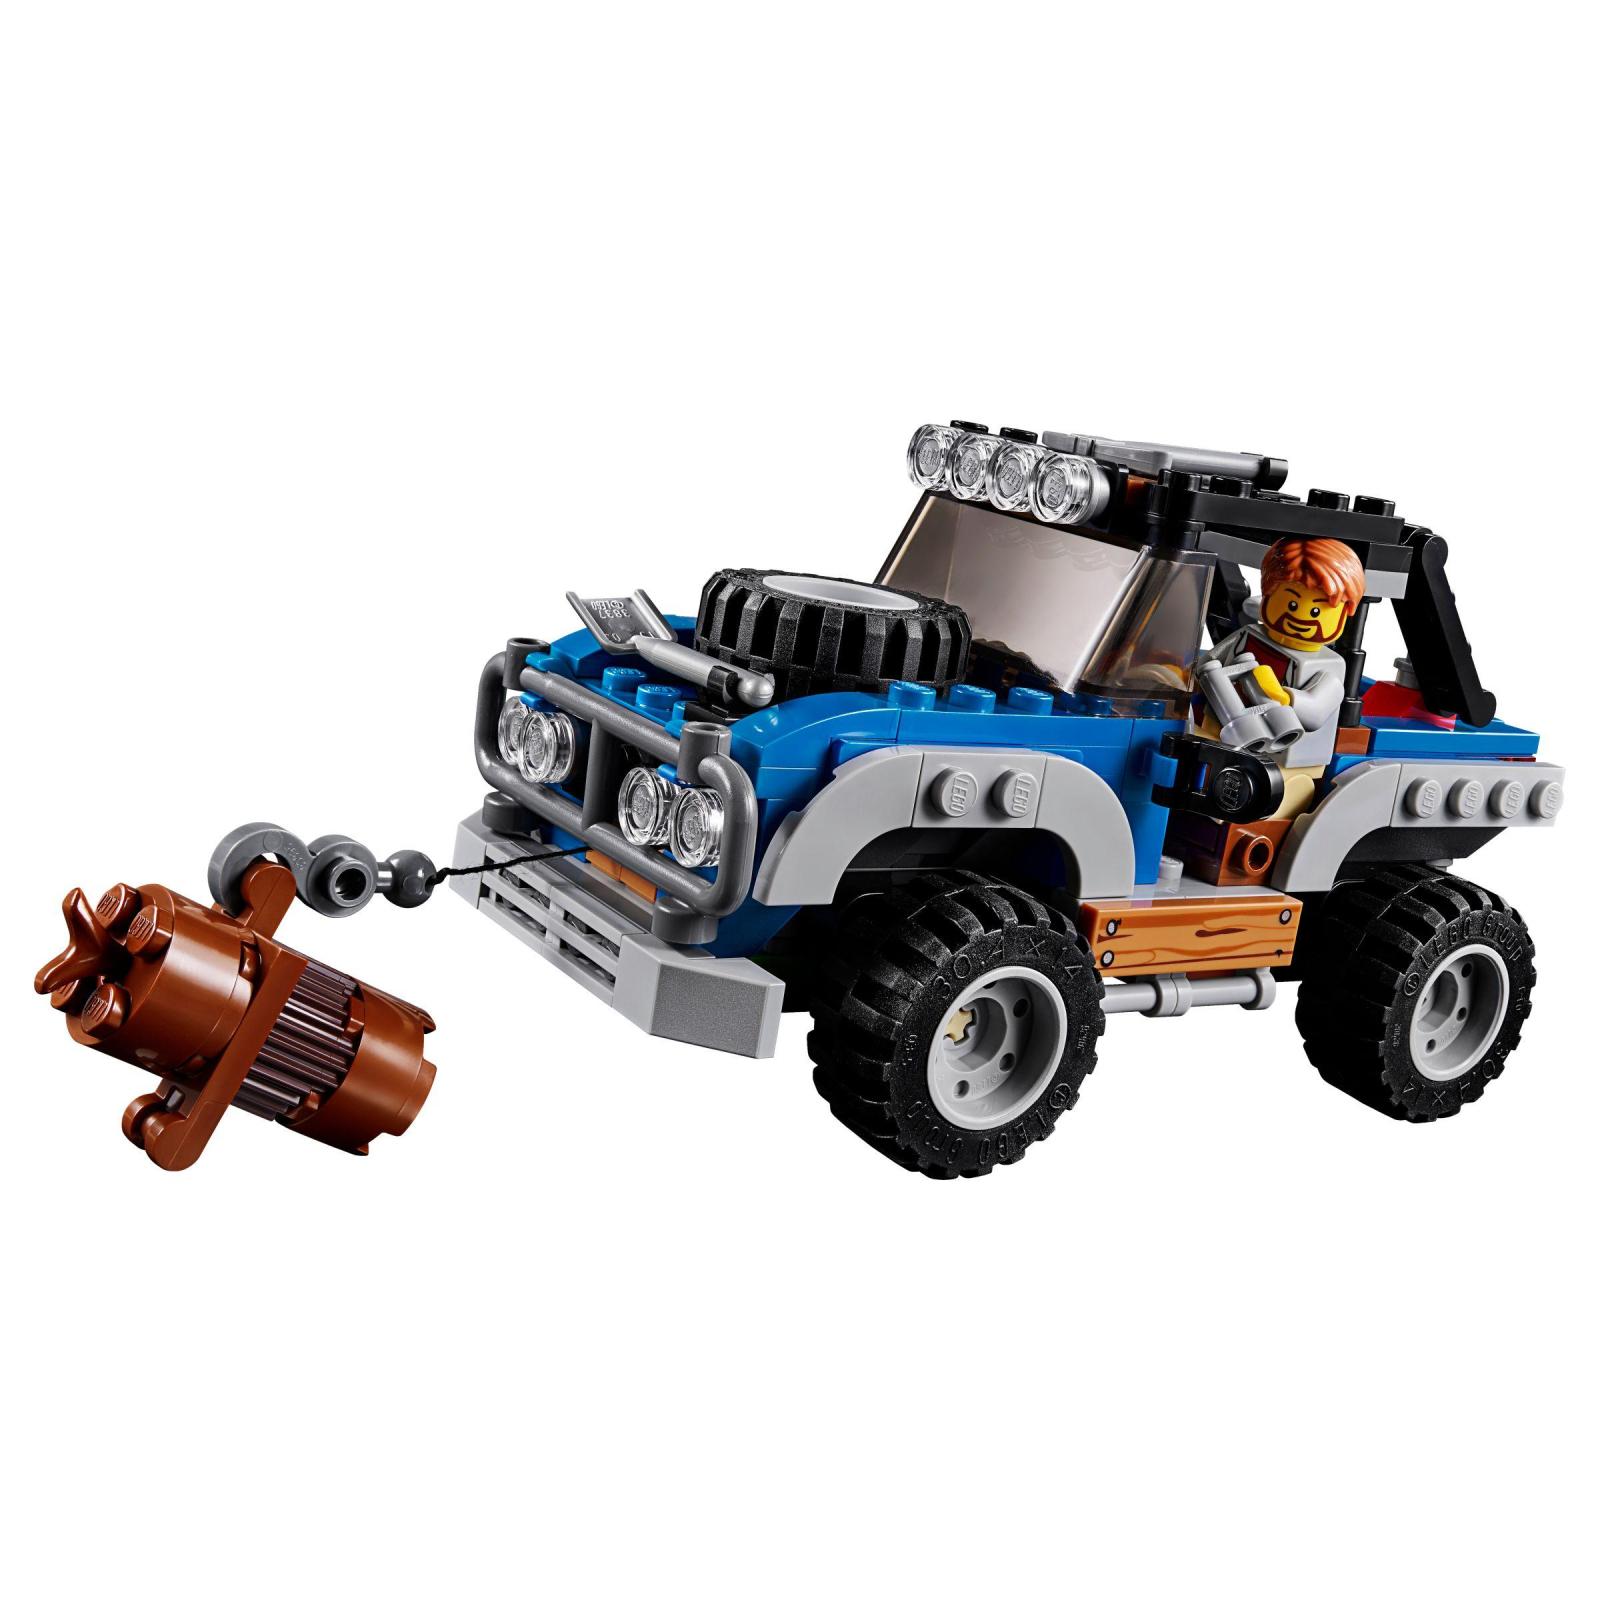 Конструктор LEGO Creator Приключения в глуши (31075) изображение 3